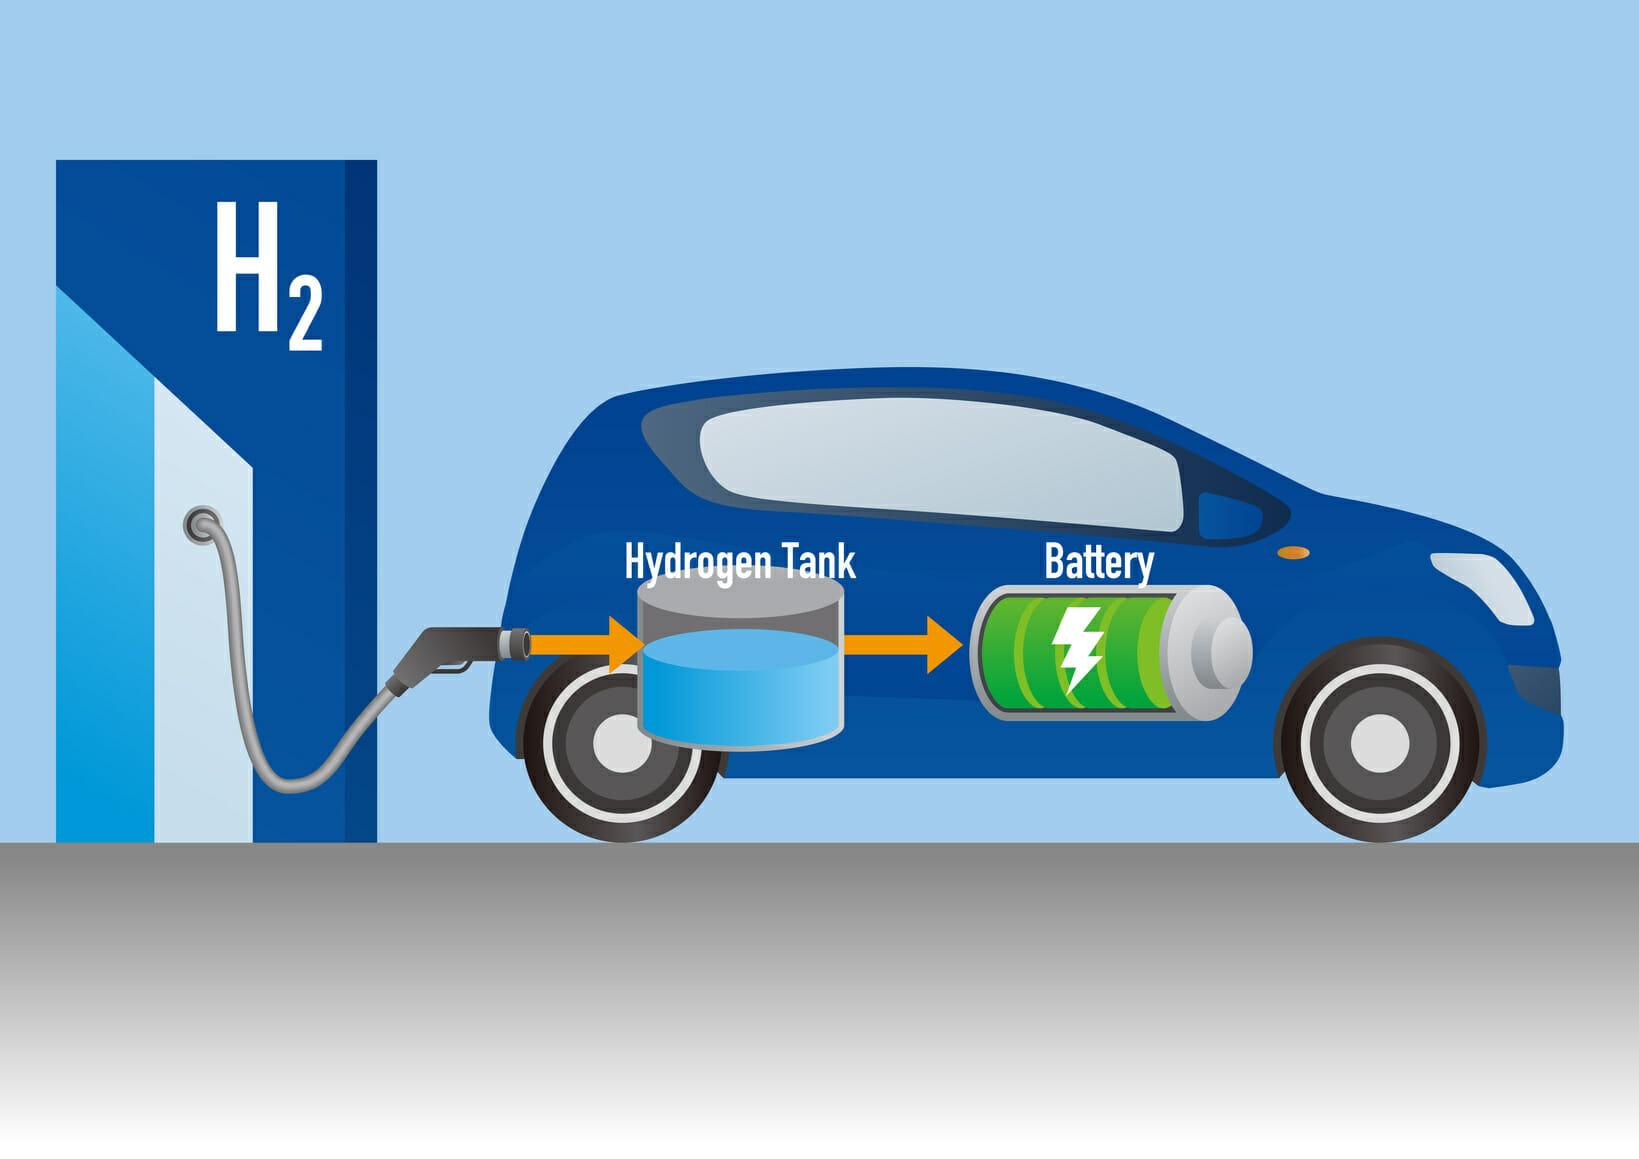 日本は水素燃料電池自動車に投資するんでしょ?電気自動車との違いは? | EVsmartブログ